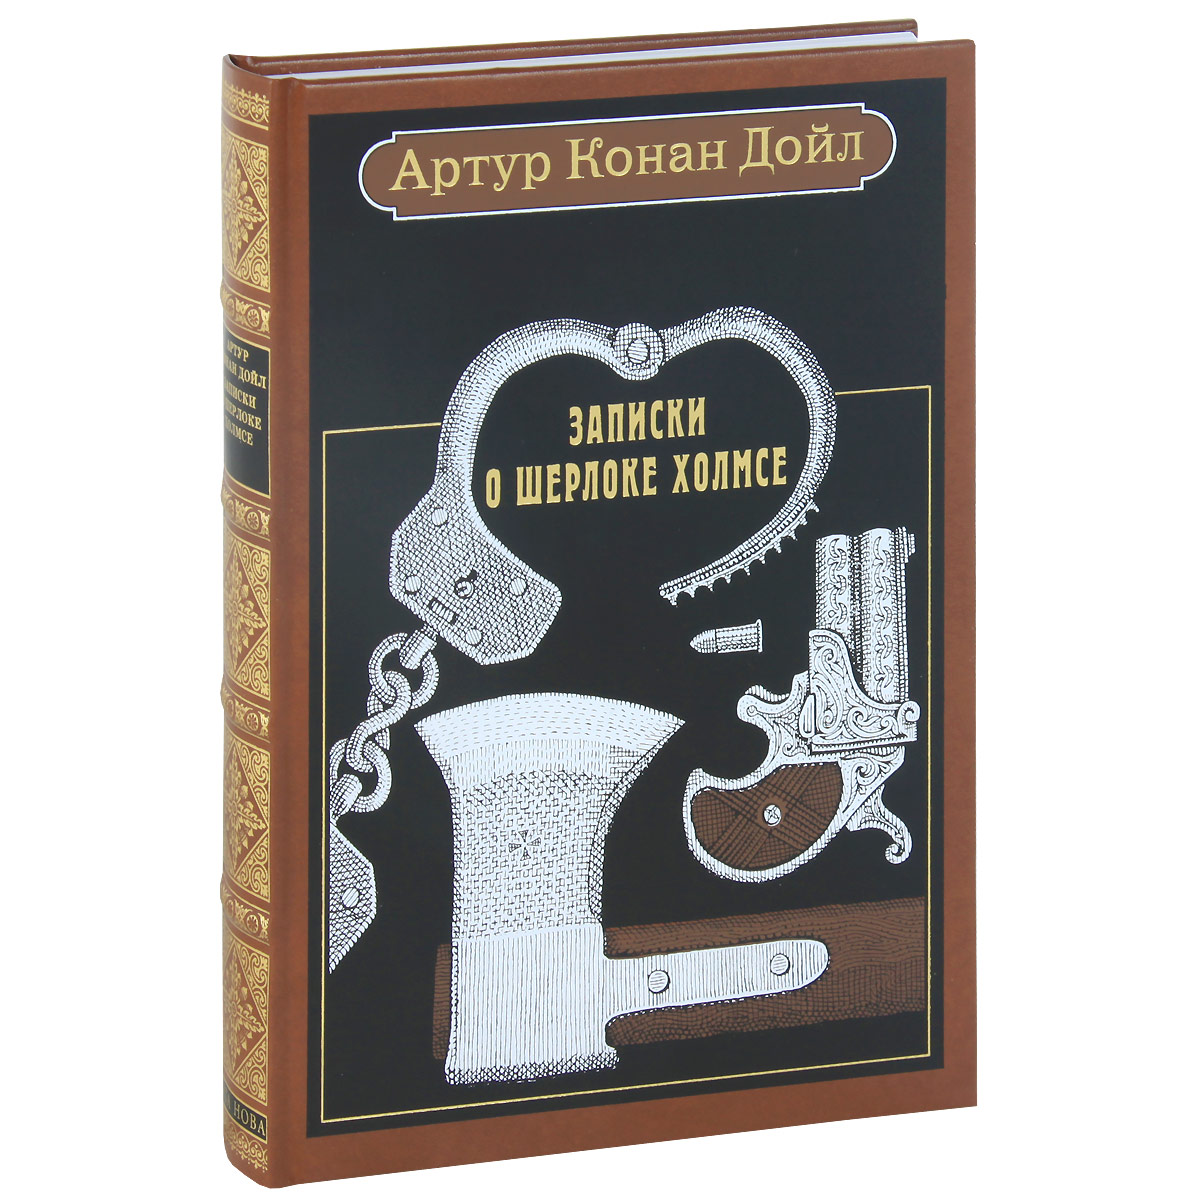 Артур Конан Дойл Записки о Шерлоке Холмсе (подарочное издание)